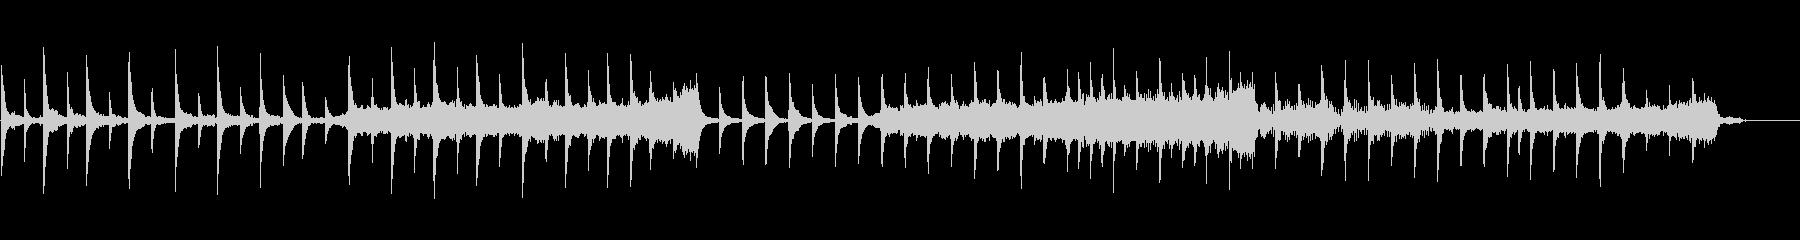 ピアノ主体の幻想的で穏やかなBGMの未再生の波形